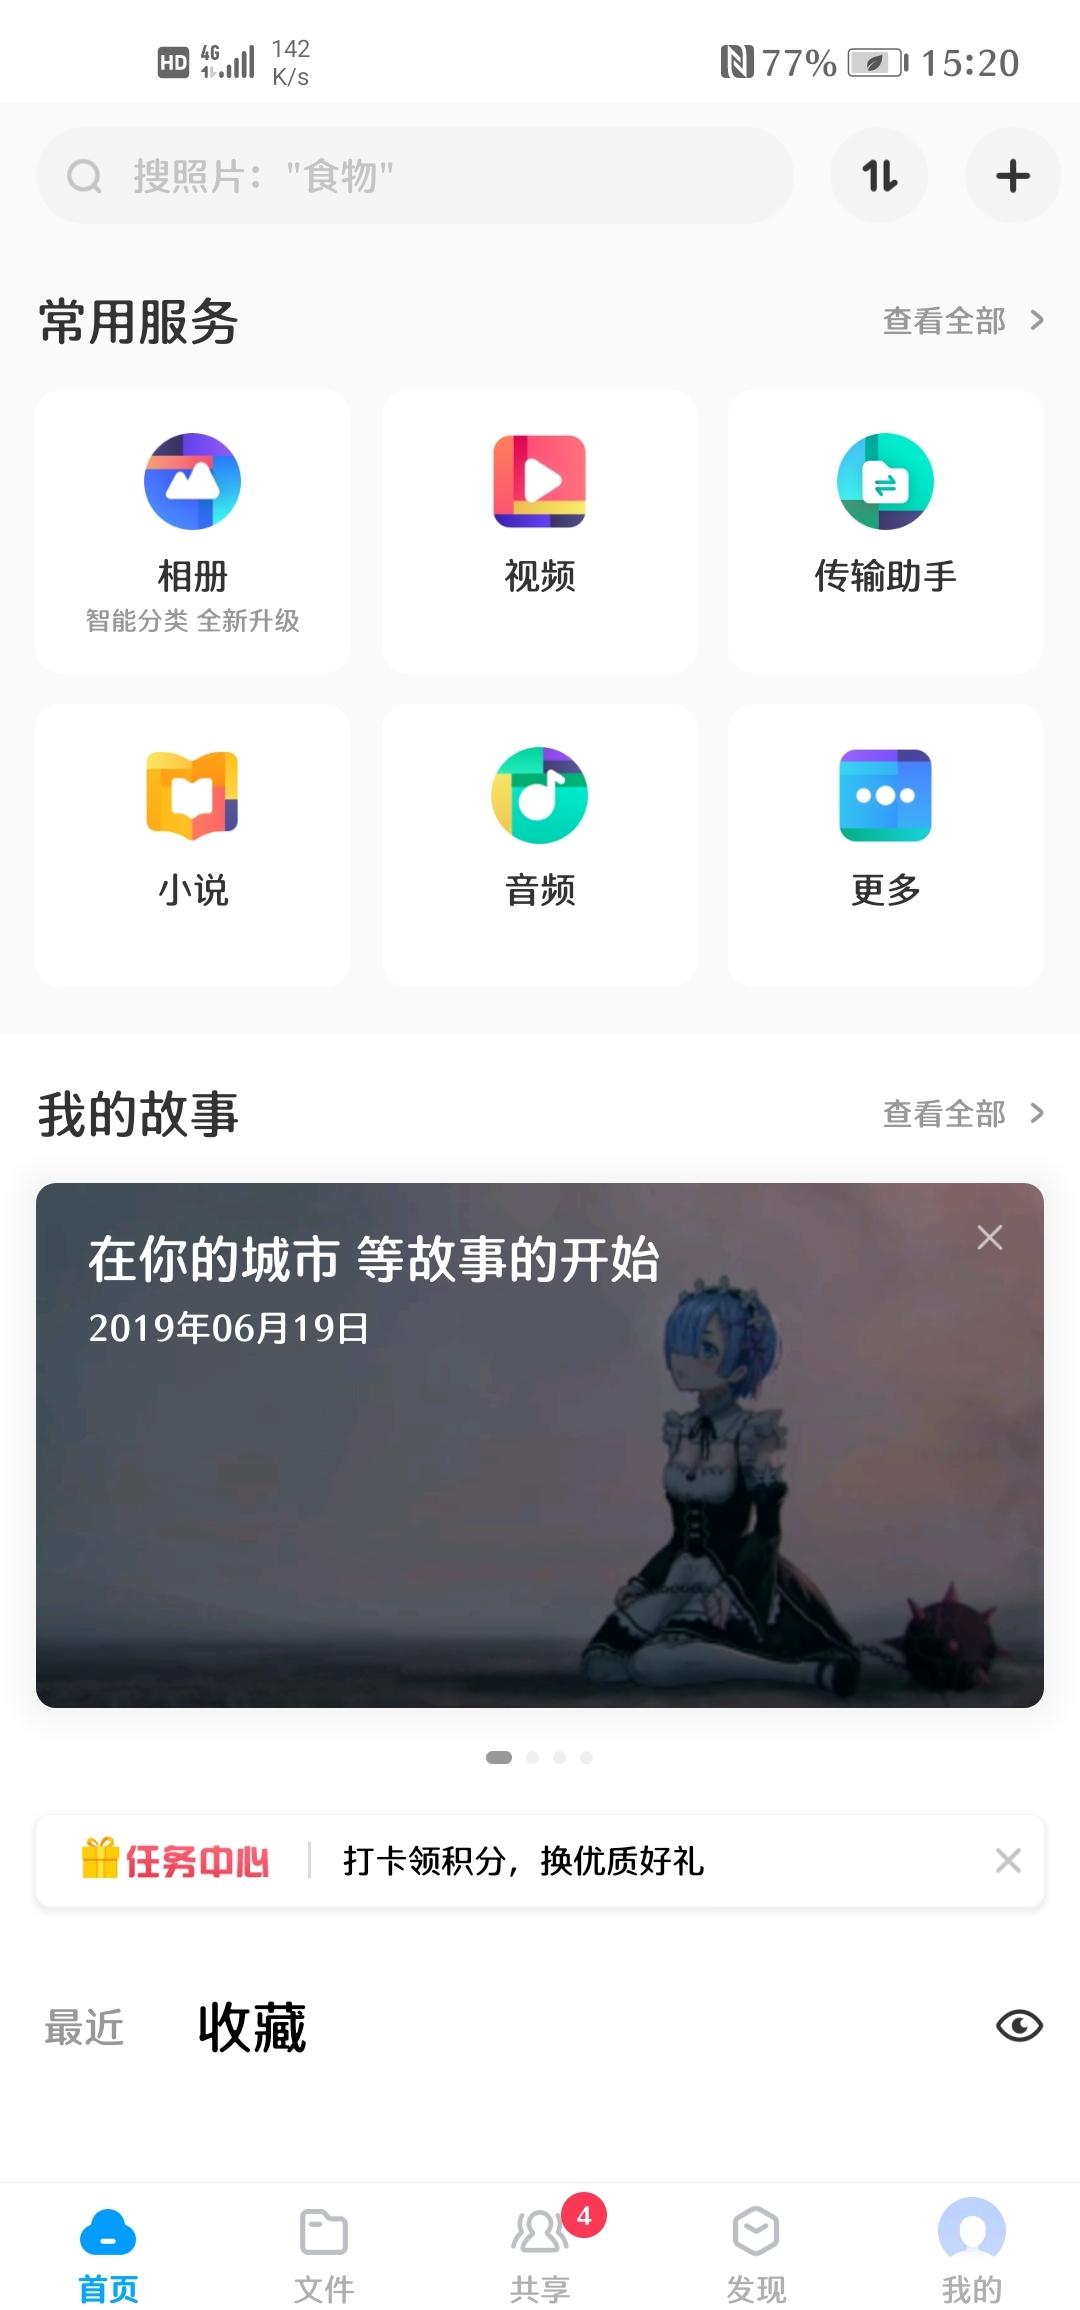 Screenshot_20200520_152050_com.baidu.netdisk.jpg